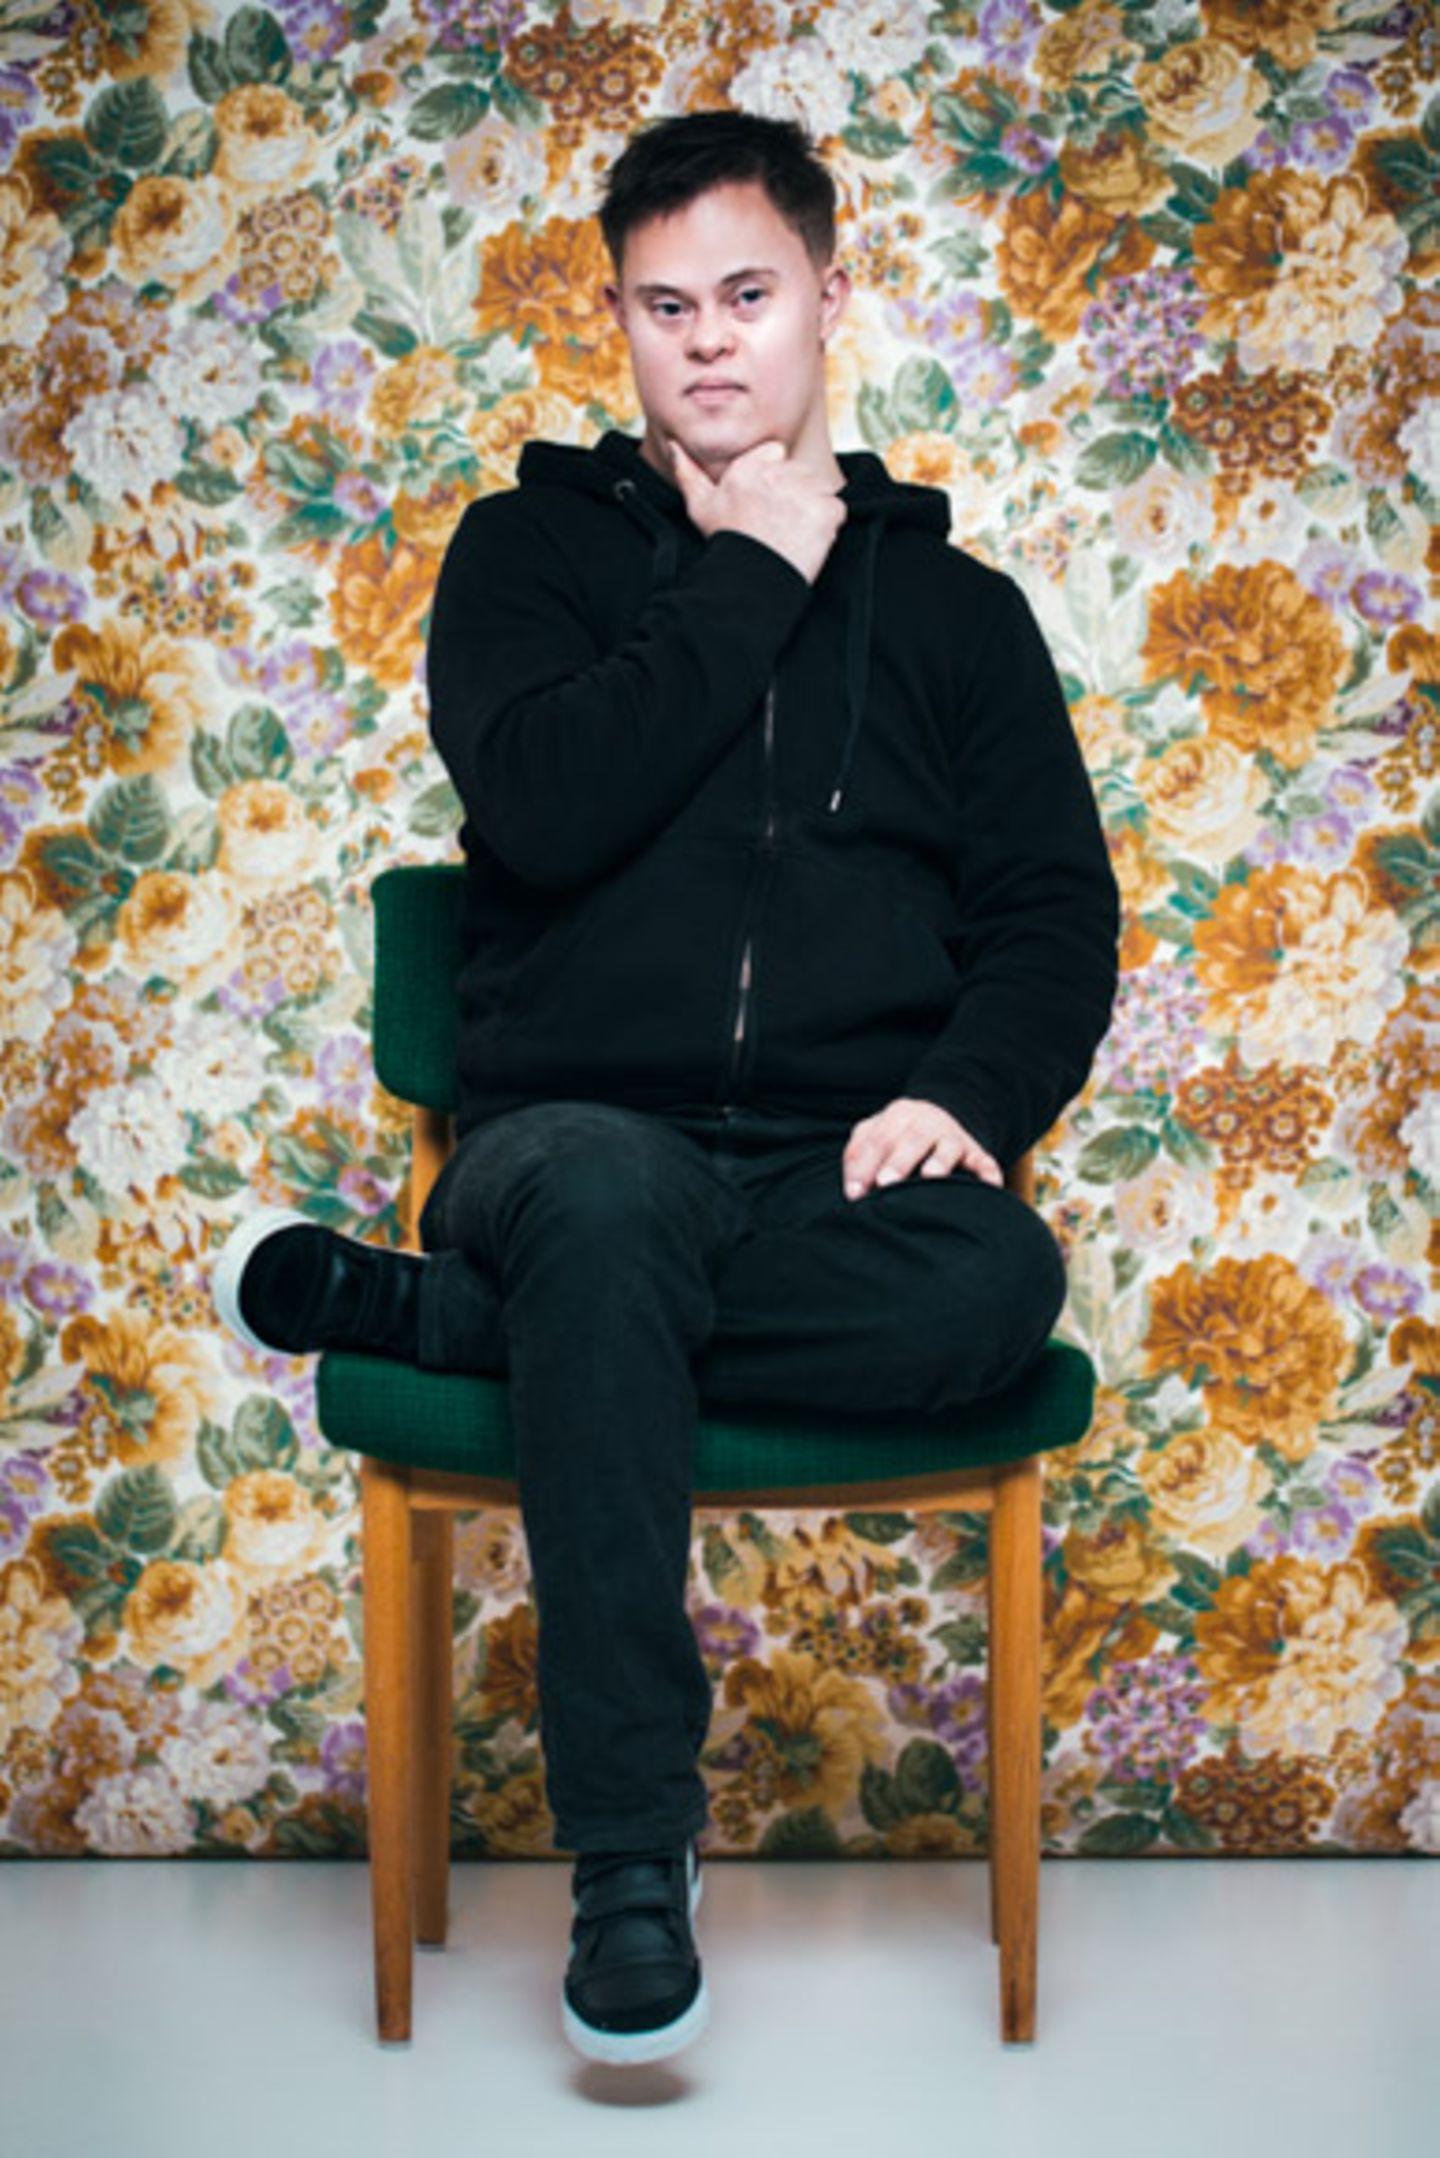 """Die isländische Fotografin Sigga Ella macht zurzeit mit ihrem Fotoprojekt """"First and foremost I am"""" auf sich aufmerksam. Es zeigt 21 Portraits von Menschen im Alter zwischen neun Monaten und 60 Jahren. Ihre Verbindung: Sie alle haben das Down-Syndrom. Doch welchen Bezug hat die Fotografin selbst zum Thema? """"Ich habe das Projekt gemacht, weil ich ein Radio-Interview zum Thema 'Wir können entscheiden, wer lebt und wer nicht' gehört habe"""", sagt Ella. Pränatale Diagnostik: Fluch oder Segen? Doch nicht nur die Frage nach Leben und Tod hat sie zu diesem Projekt inspiriert. Auch Ellas Tante Begga hat das Down-Syndrom. Das Syndrom, auch Trisomie 21 genannt, ist eine Genmutation, durch die das 21. Chromosom oder Teile davon dreifach vorhanden sind. Für die Fotografin ist es schwer vorstellbar, dass sich ihre Großeltern damals gegen das Leben ihrer Tante entschieden hätten, wenn sie die Möglichkeit gehabt hätten. Die pränatale Diagnostik bietet die Möglichkeit, Erbkrankheiten früh zu erkennen. Doch an die Untersuchungen sind unweigerlich ethische Fragen und persönliche Entscheidungen geknüpft. Unter anderem: Will ich ein Kind bekommen, das Trisomie 21 hat? Sigga Ella hat zu dieser Frage eine eigene Meinung: """"Ich bin nicht gegen pränatale Diagnostik. Aber ich denke, dass wir an einem Punkt angelangt sind, wo wir innehalten und uns fragen sollten, was als Nächstes kommt. Es ist notwendig, anhand dieser Frage die Diskussion zu beginnen und die Menschen mehr über das Down-Syndrom aufzuklären."""" Halldóra Jónsdóttir über ihr Leben mit dem Down-Syndrom: """"Mein Leben ist wertvoll und gut"""" Halldóra Jónsdóttir befürwortet Ellas Standpunkt. Die 24-Jährige lebt ebenfalls mit dem Down-Syndrom und ist indirekt für den Titel von Sigga Ellas Fotoprojekt verantwortlich. In einem Artikel stellte sie klar: """"Ich habe Down-Syndrom, aber VOR ALLEM bin ich Halldóra. Ich mache Millionen Dinge, die andere Menschen auch machen. Mein Leben ist wertvoll und gut, weil ich mich für das Positive und die gute"""